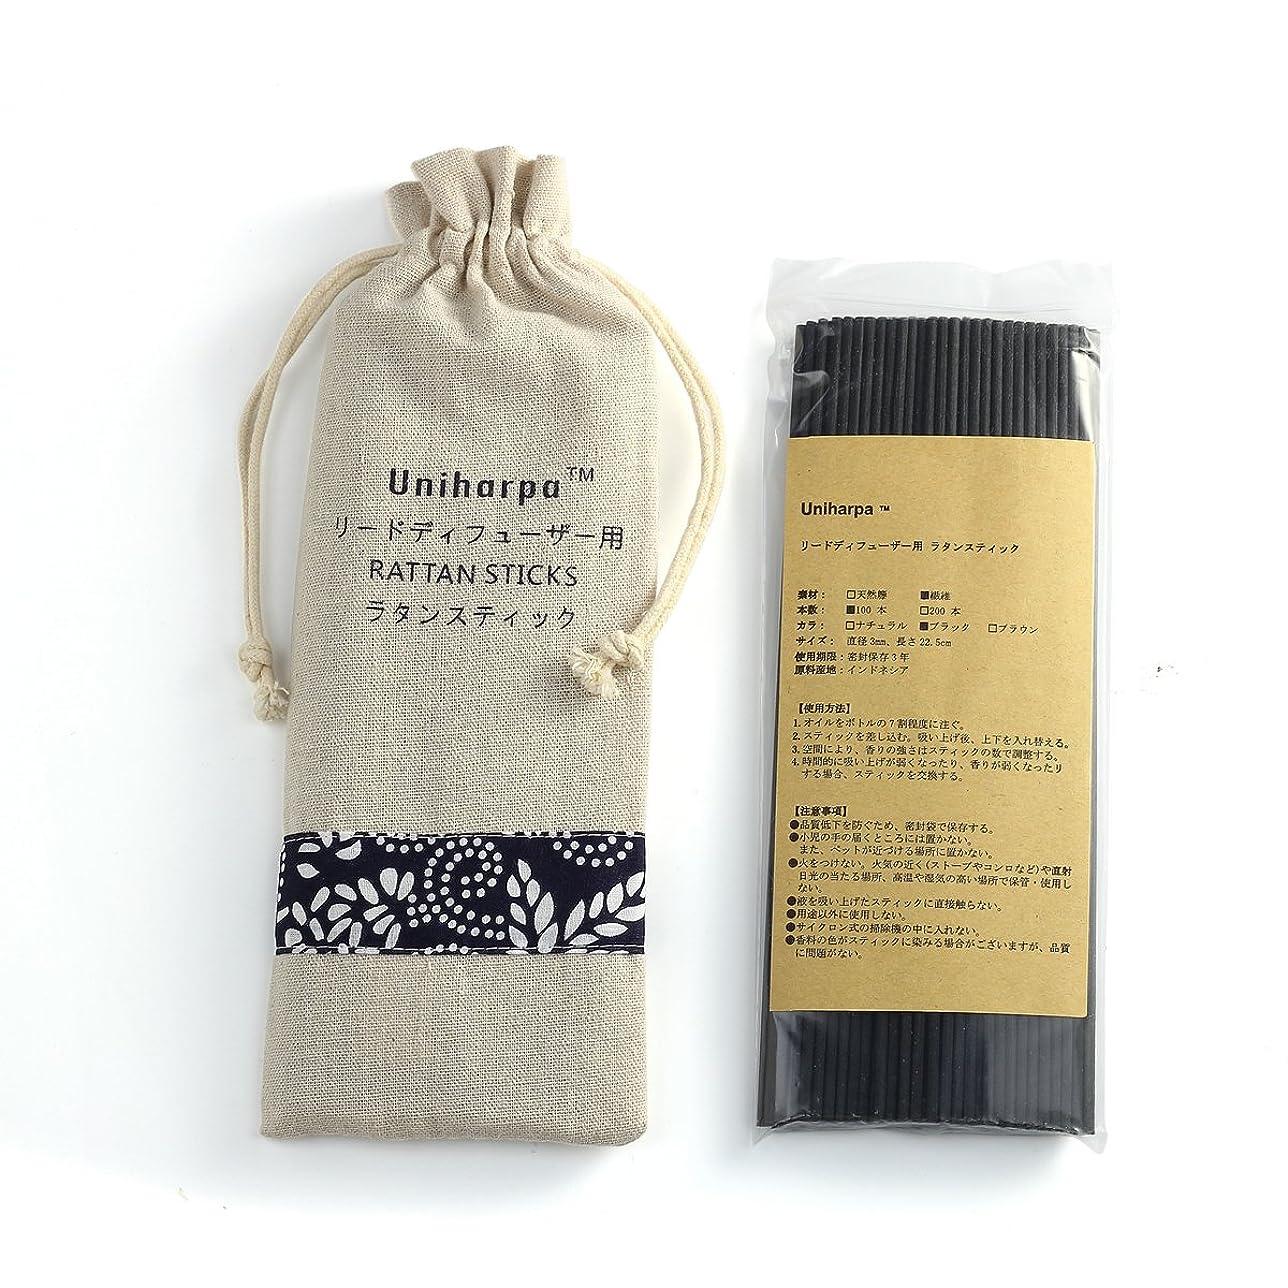 クラスであることボトルネックリードディフューザー用 ラタンスティック/リードスティック リフィル 繊維素材 22.5cm 直径3mm 100本入 乾燥剤入り オリジナル旅行専用袋付 (ブラック)